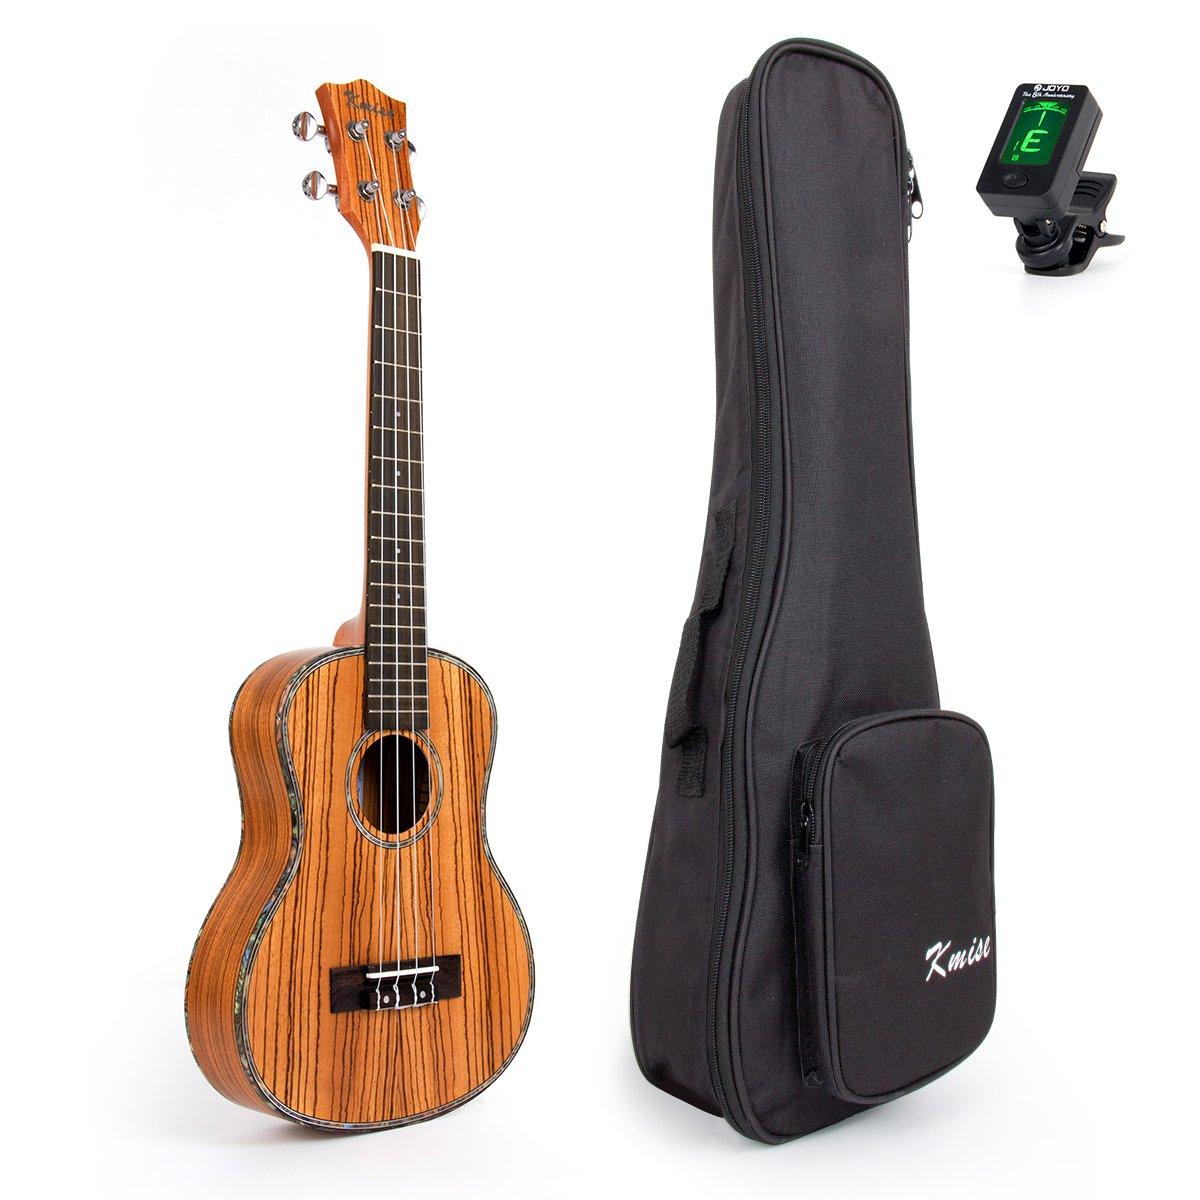 Kmise Travel Ukulele Tenor Thin Body 26 inch Zebra Ukelele Uke Kit with Bag Tuner Hawaii Guitar 18 Fret Ltd